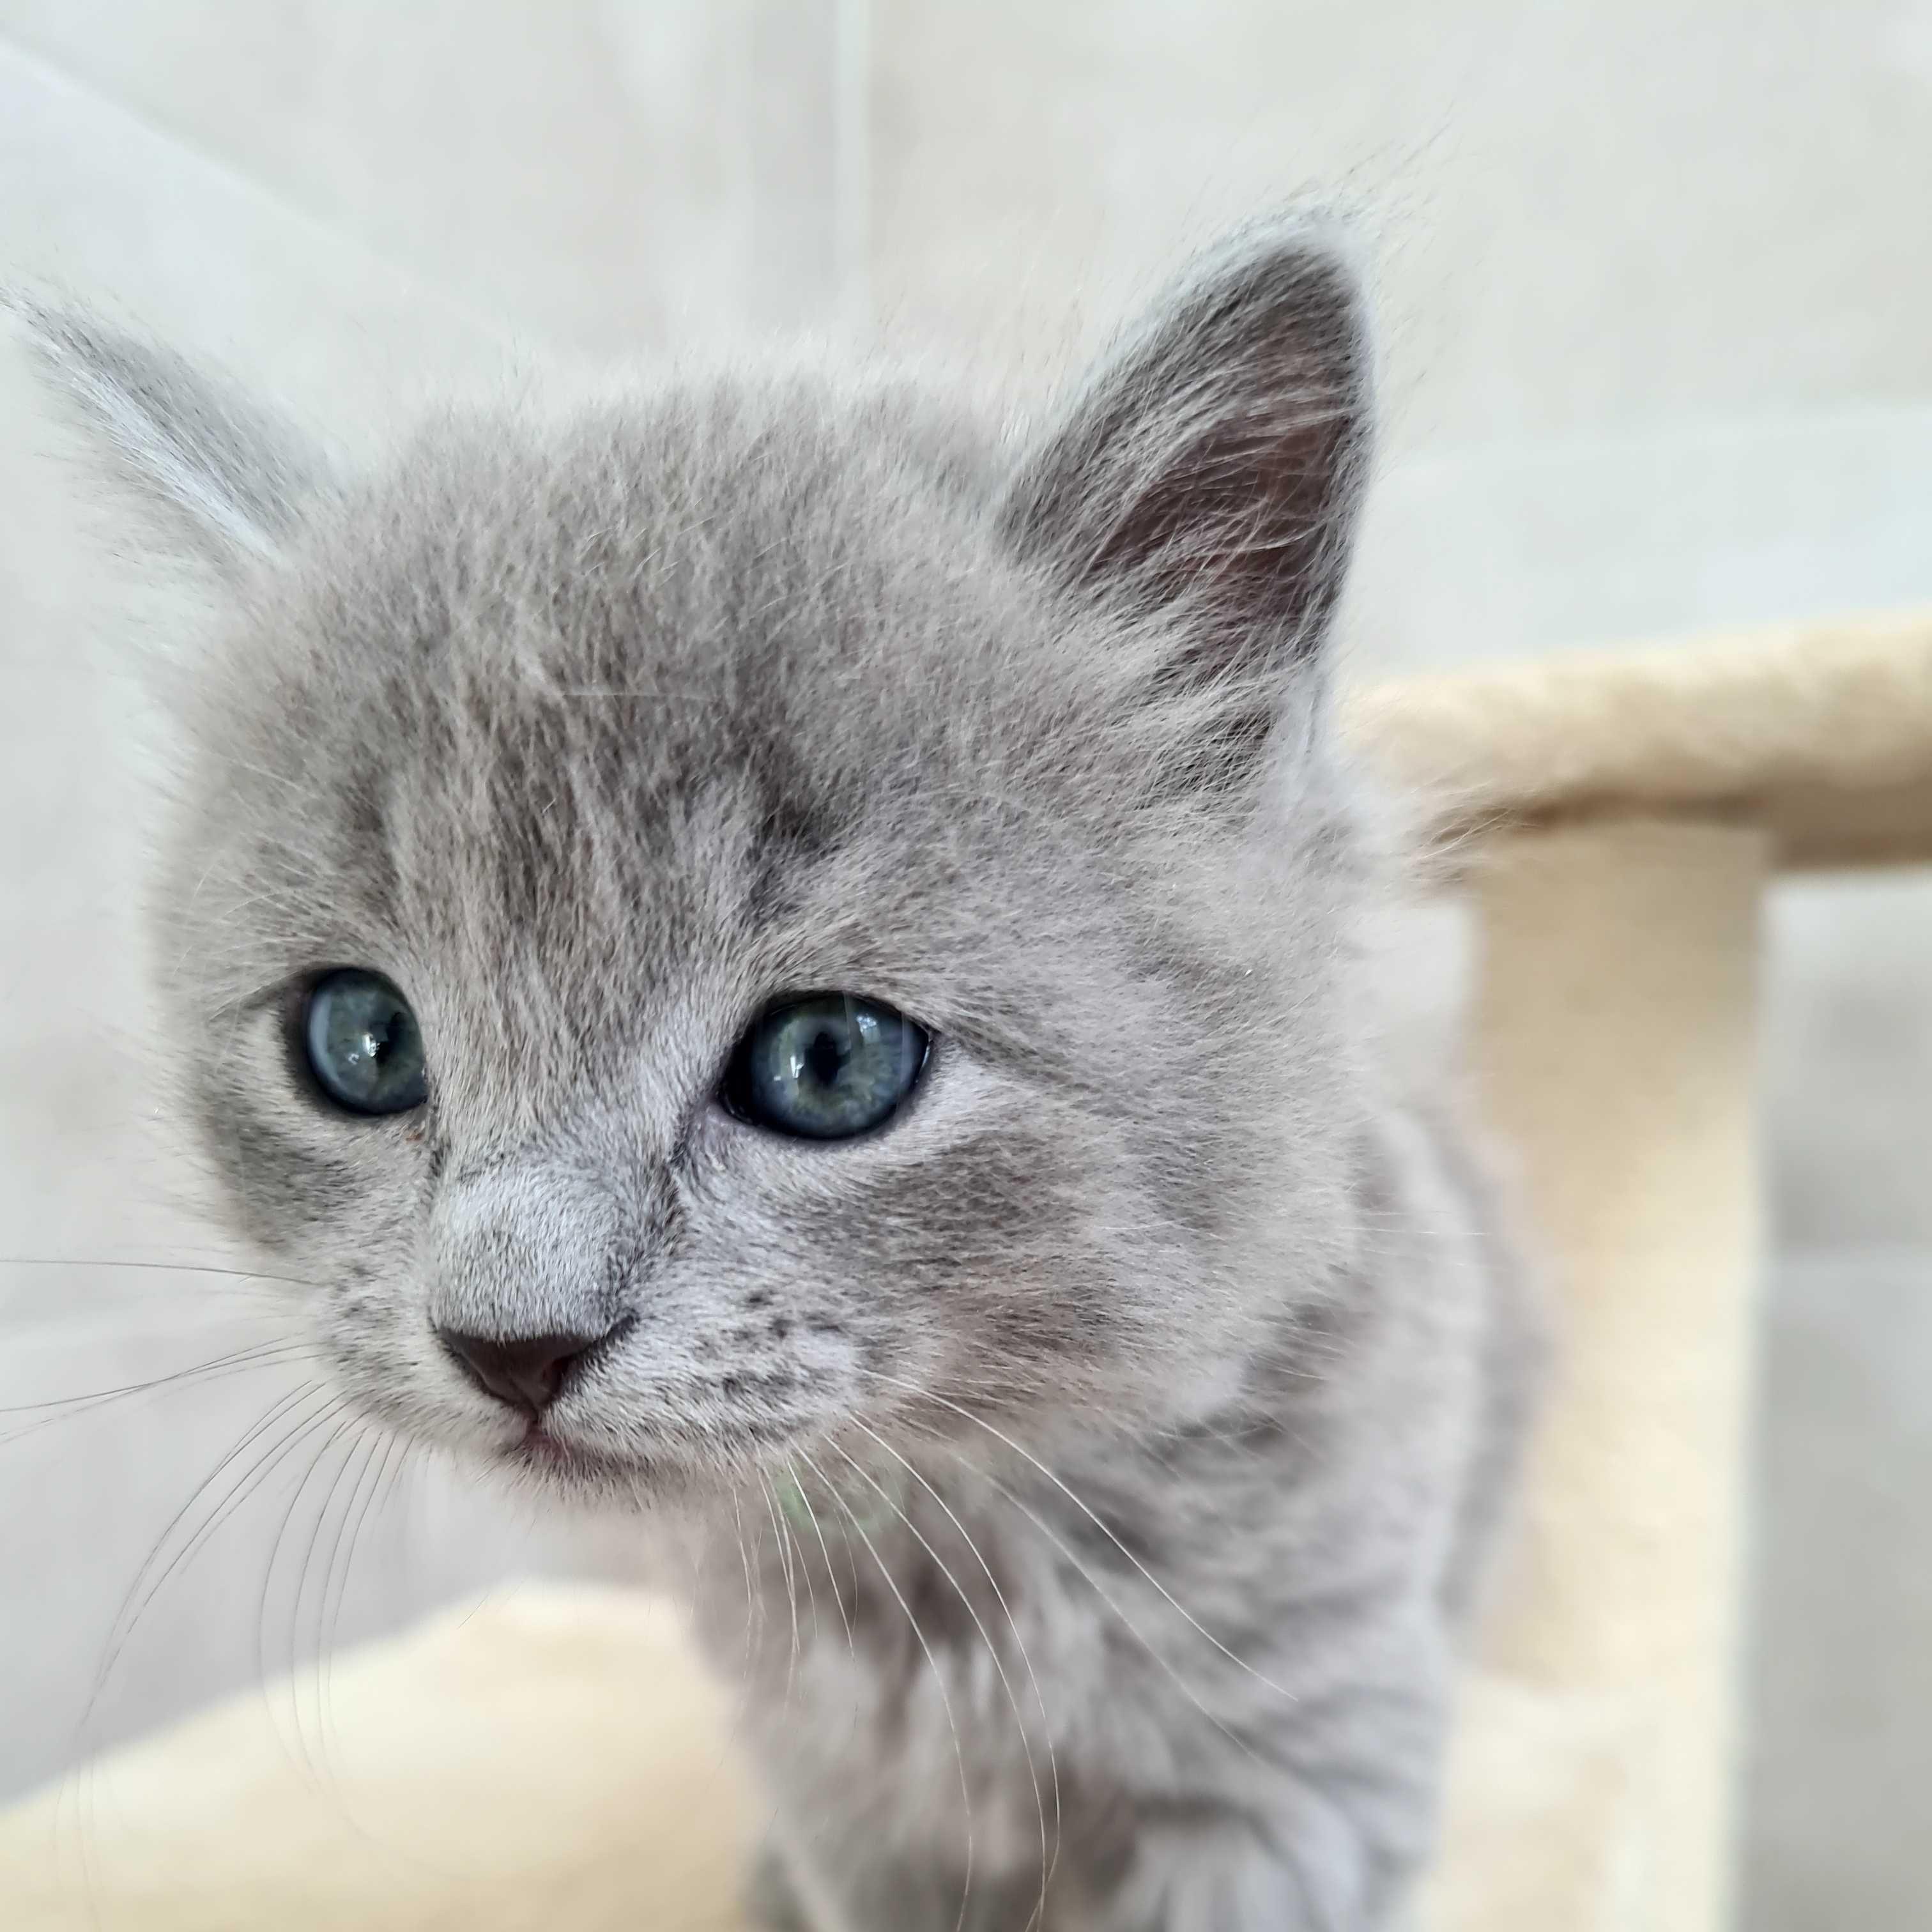 Kocięta Nebelung długowłose rzadkie